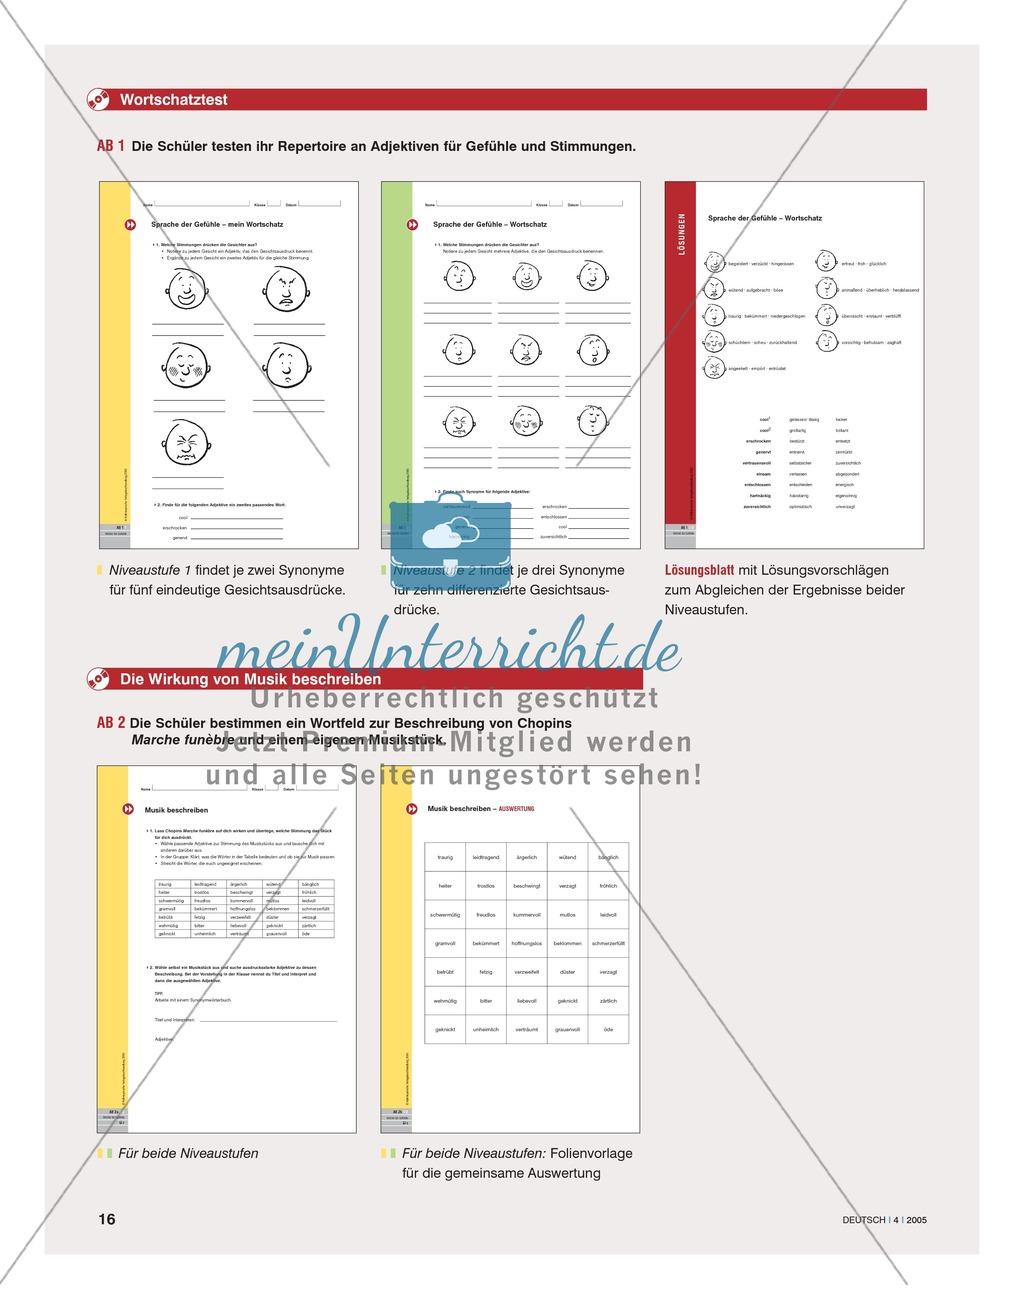 Wortschatzarbeit - Treffende Wörter für Gefühle und Stimmungen finden: Anregungen, Unterrichtsplanung Preview 4